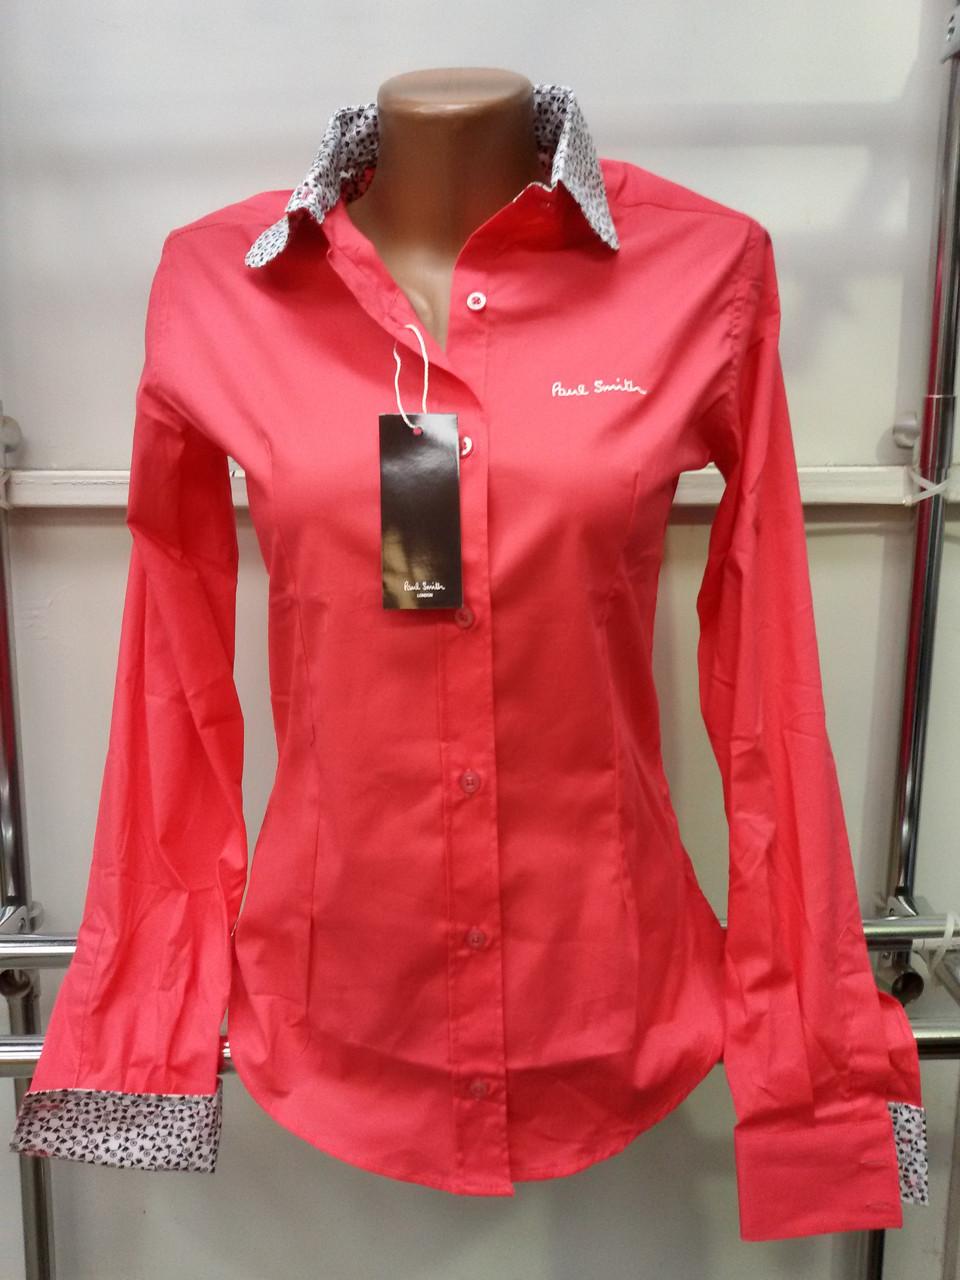 6ba18c62474 Красивая женская рубашка (реплика) Paul smith розового цвета -  Интернет-магазин женской одежды